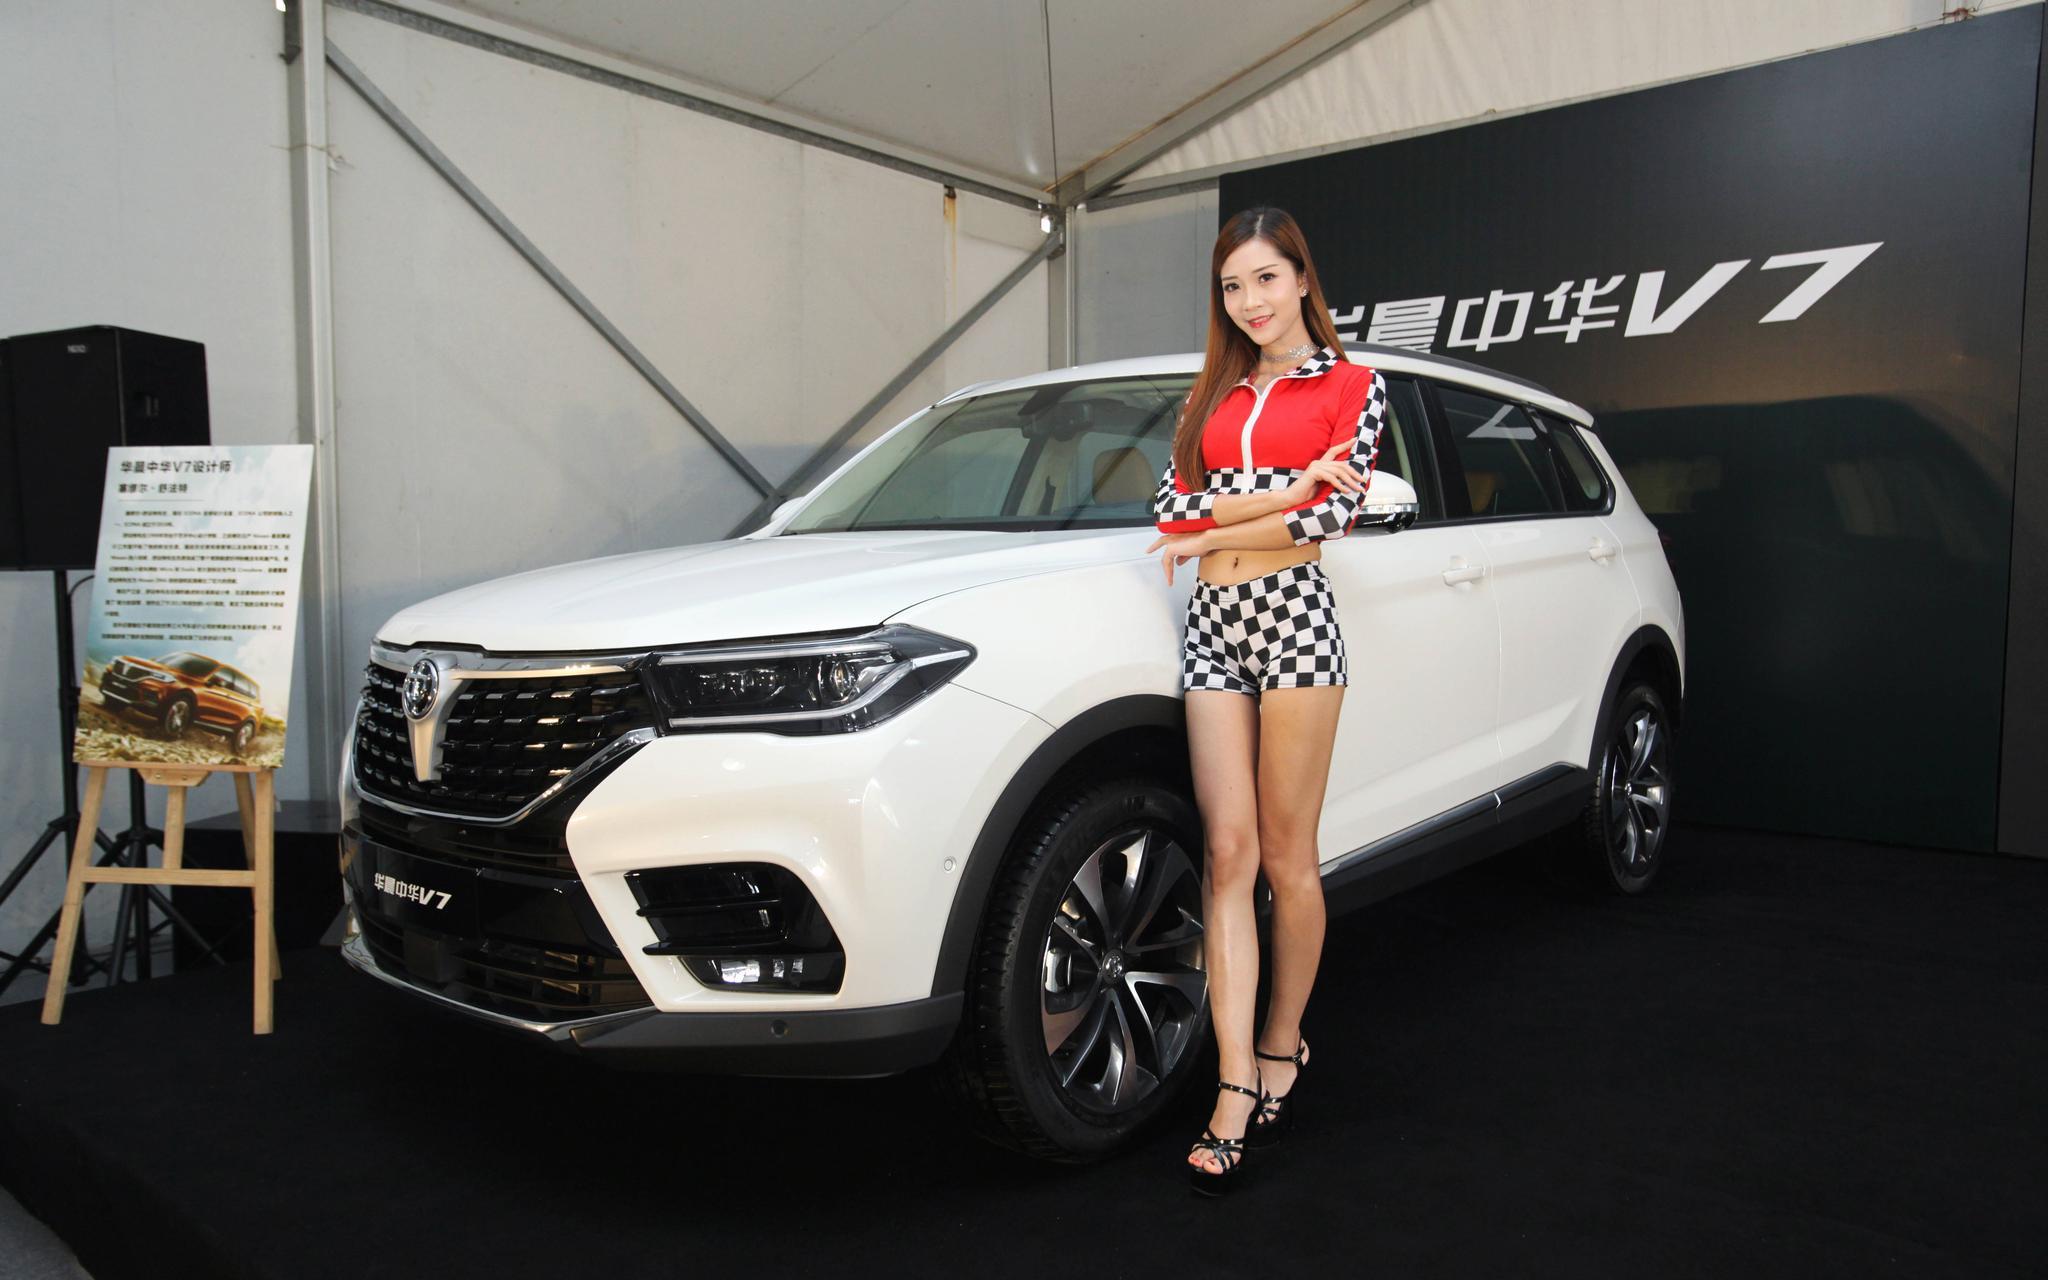 华晨中华V7 宝马品质重塑SUV新标准